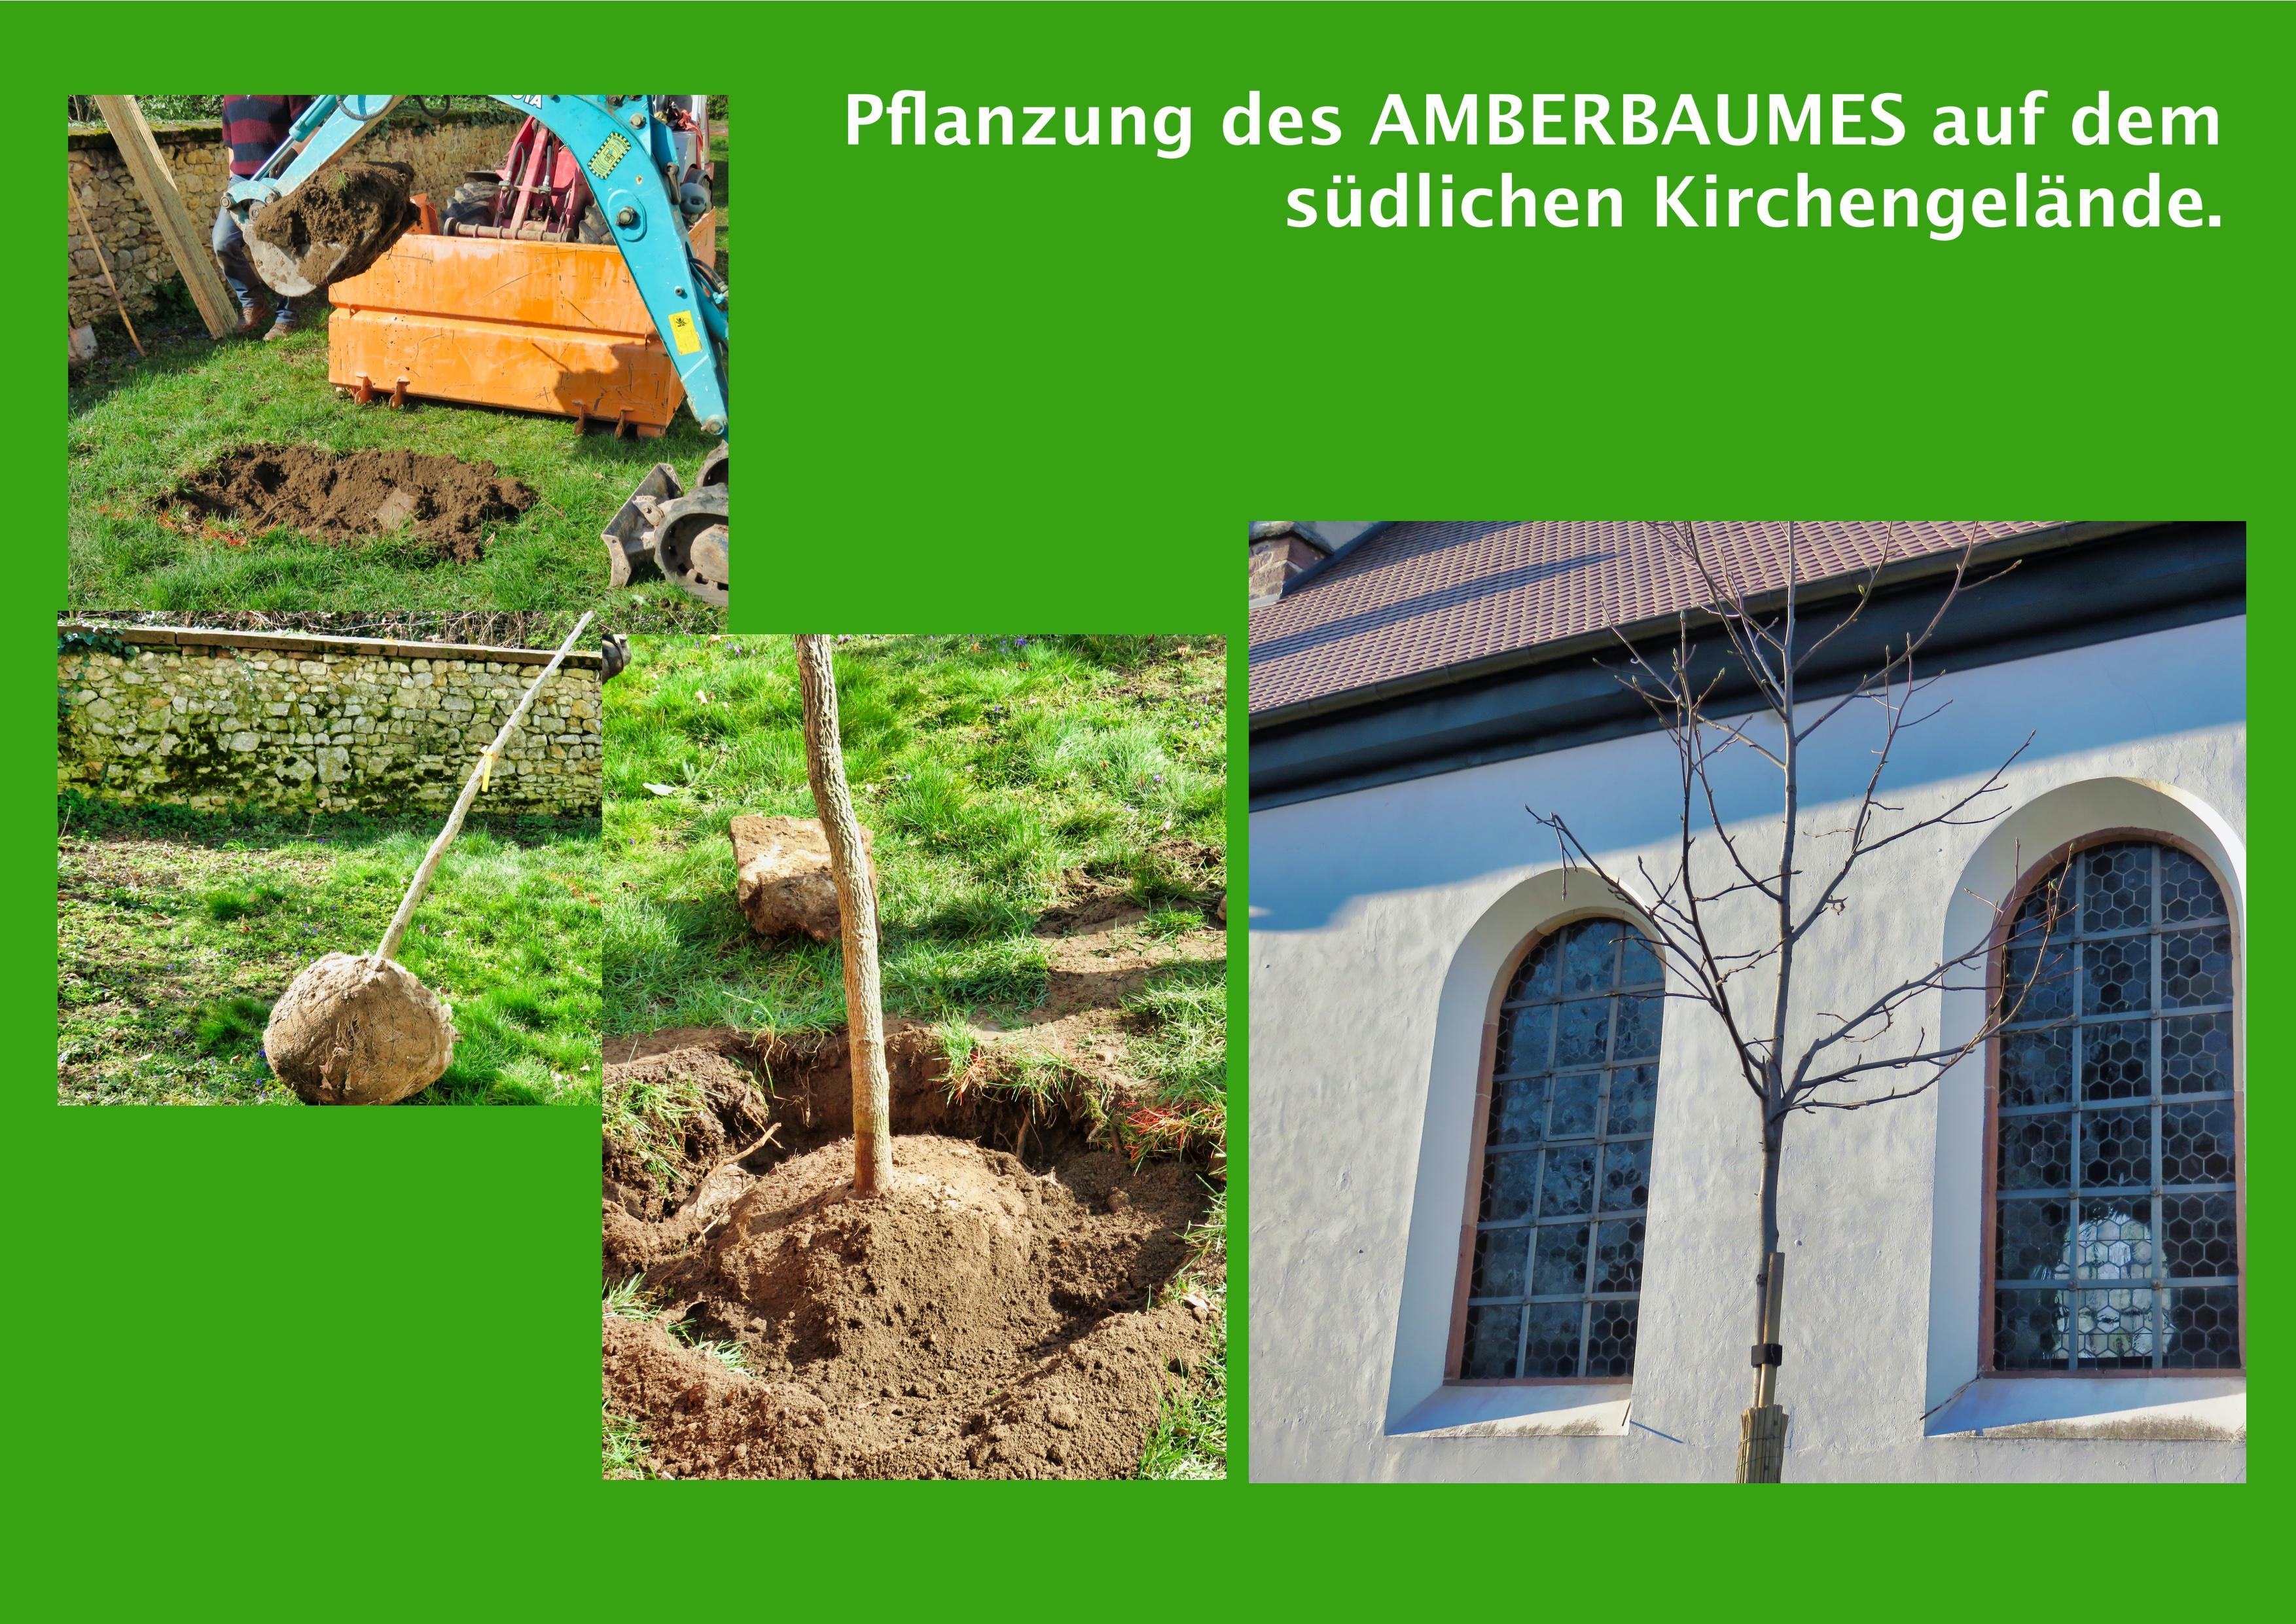 02-Amberbaumpflanzung